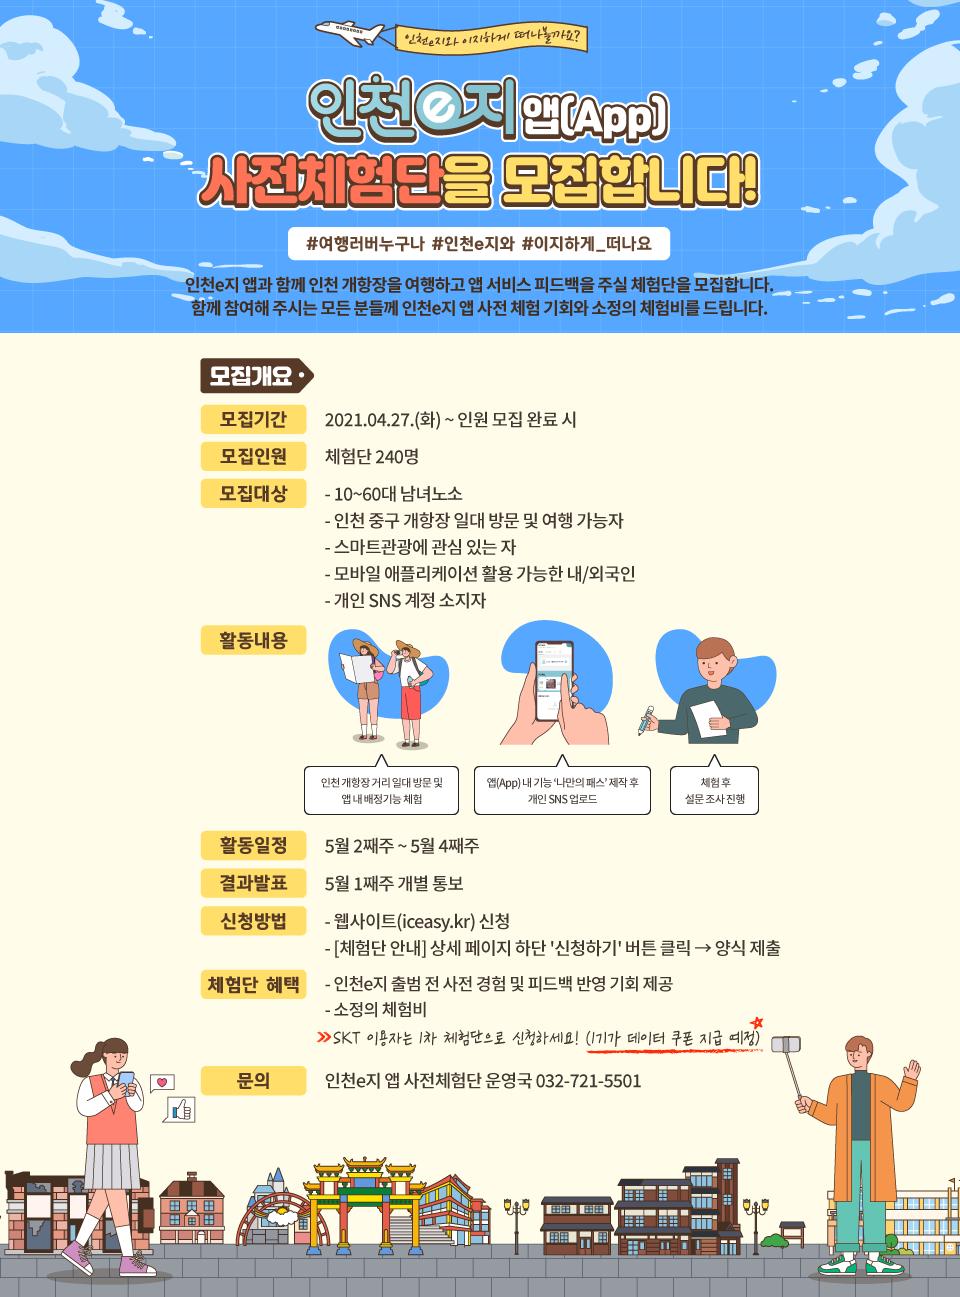 인천e지 앱 사전체험단을 모집합니다!